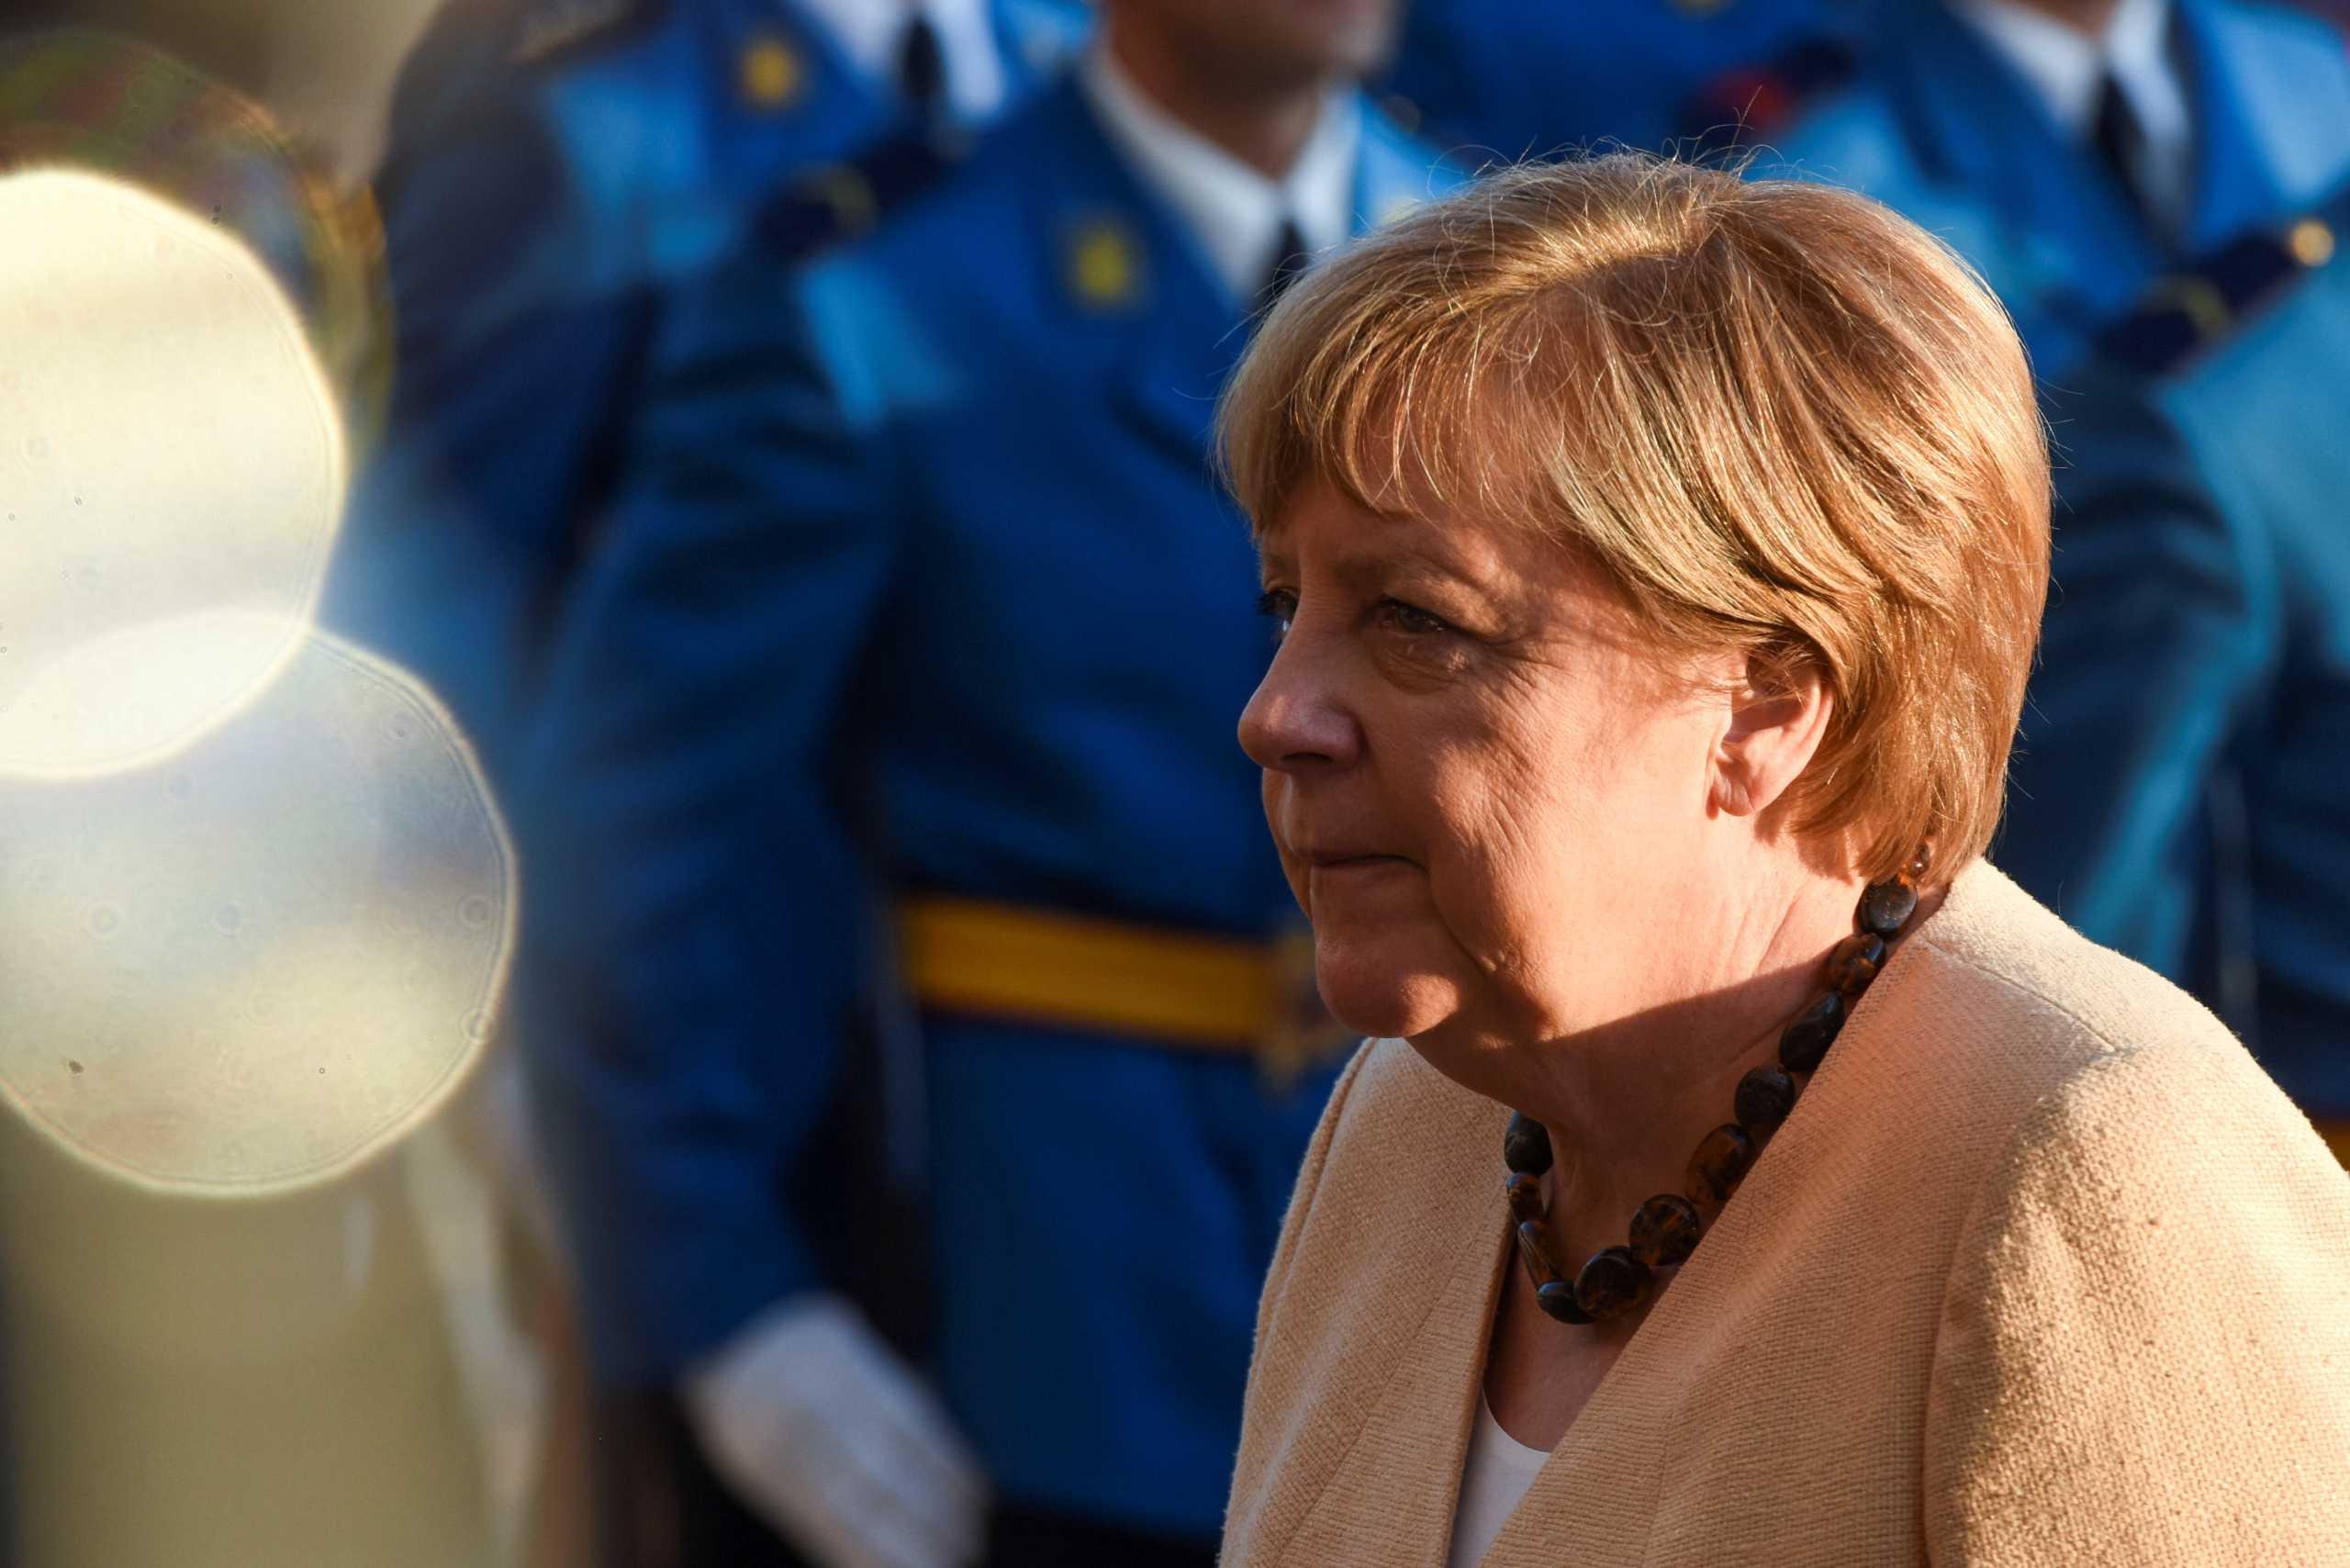 Στα Τίρανα η Άνγκελα Μέρκελ – Συνάντηση με τους πρωθυπουργούς των Δυτικών Βαλκανίων